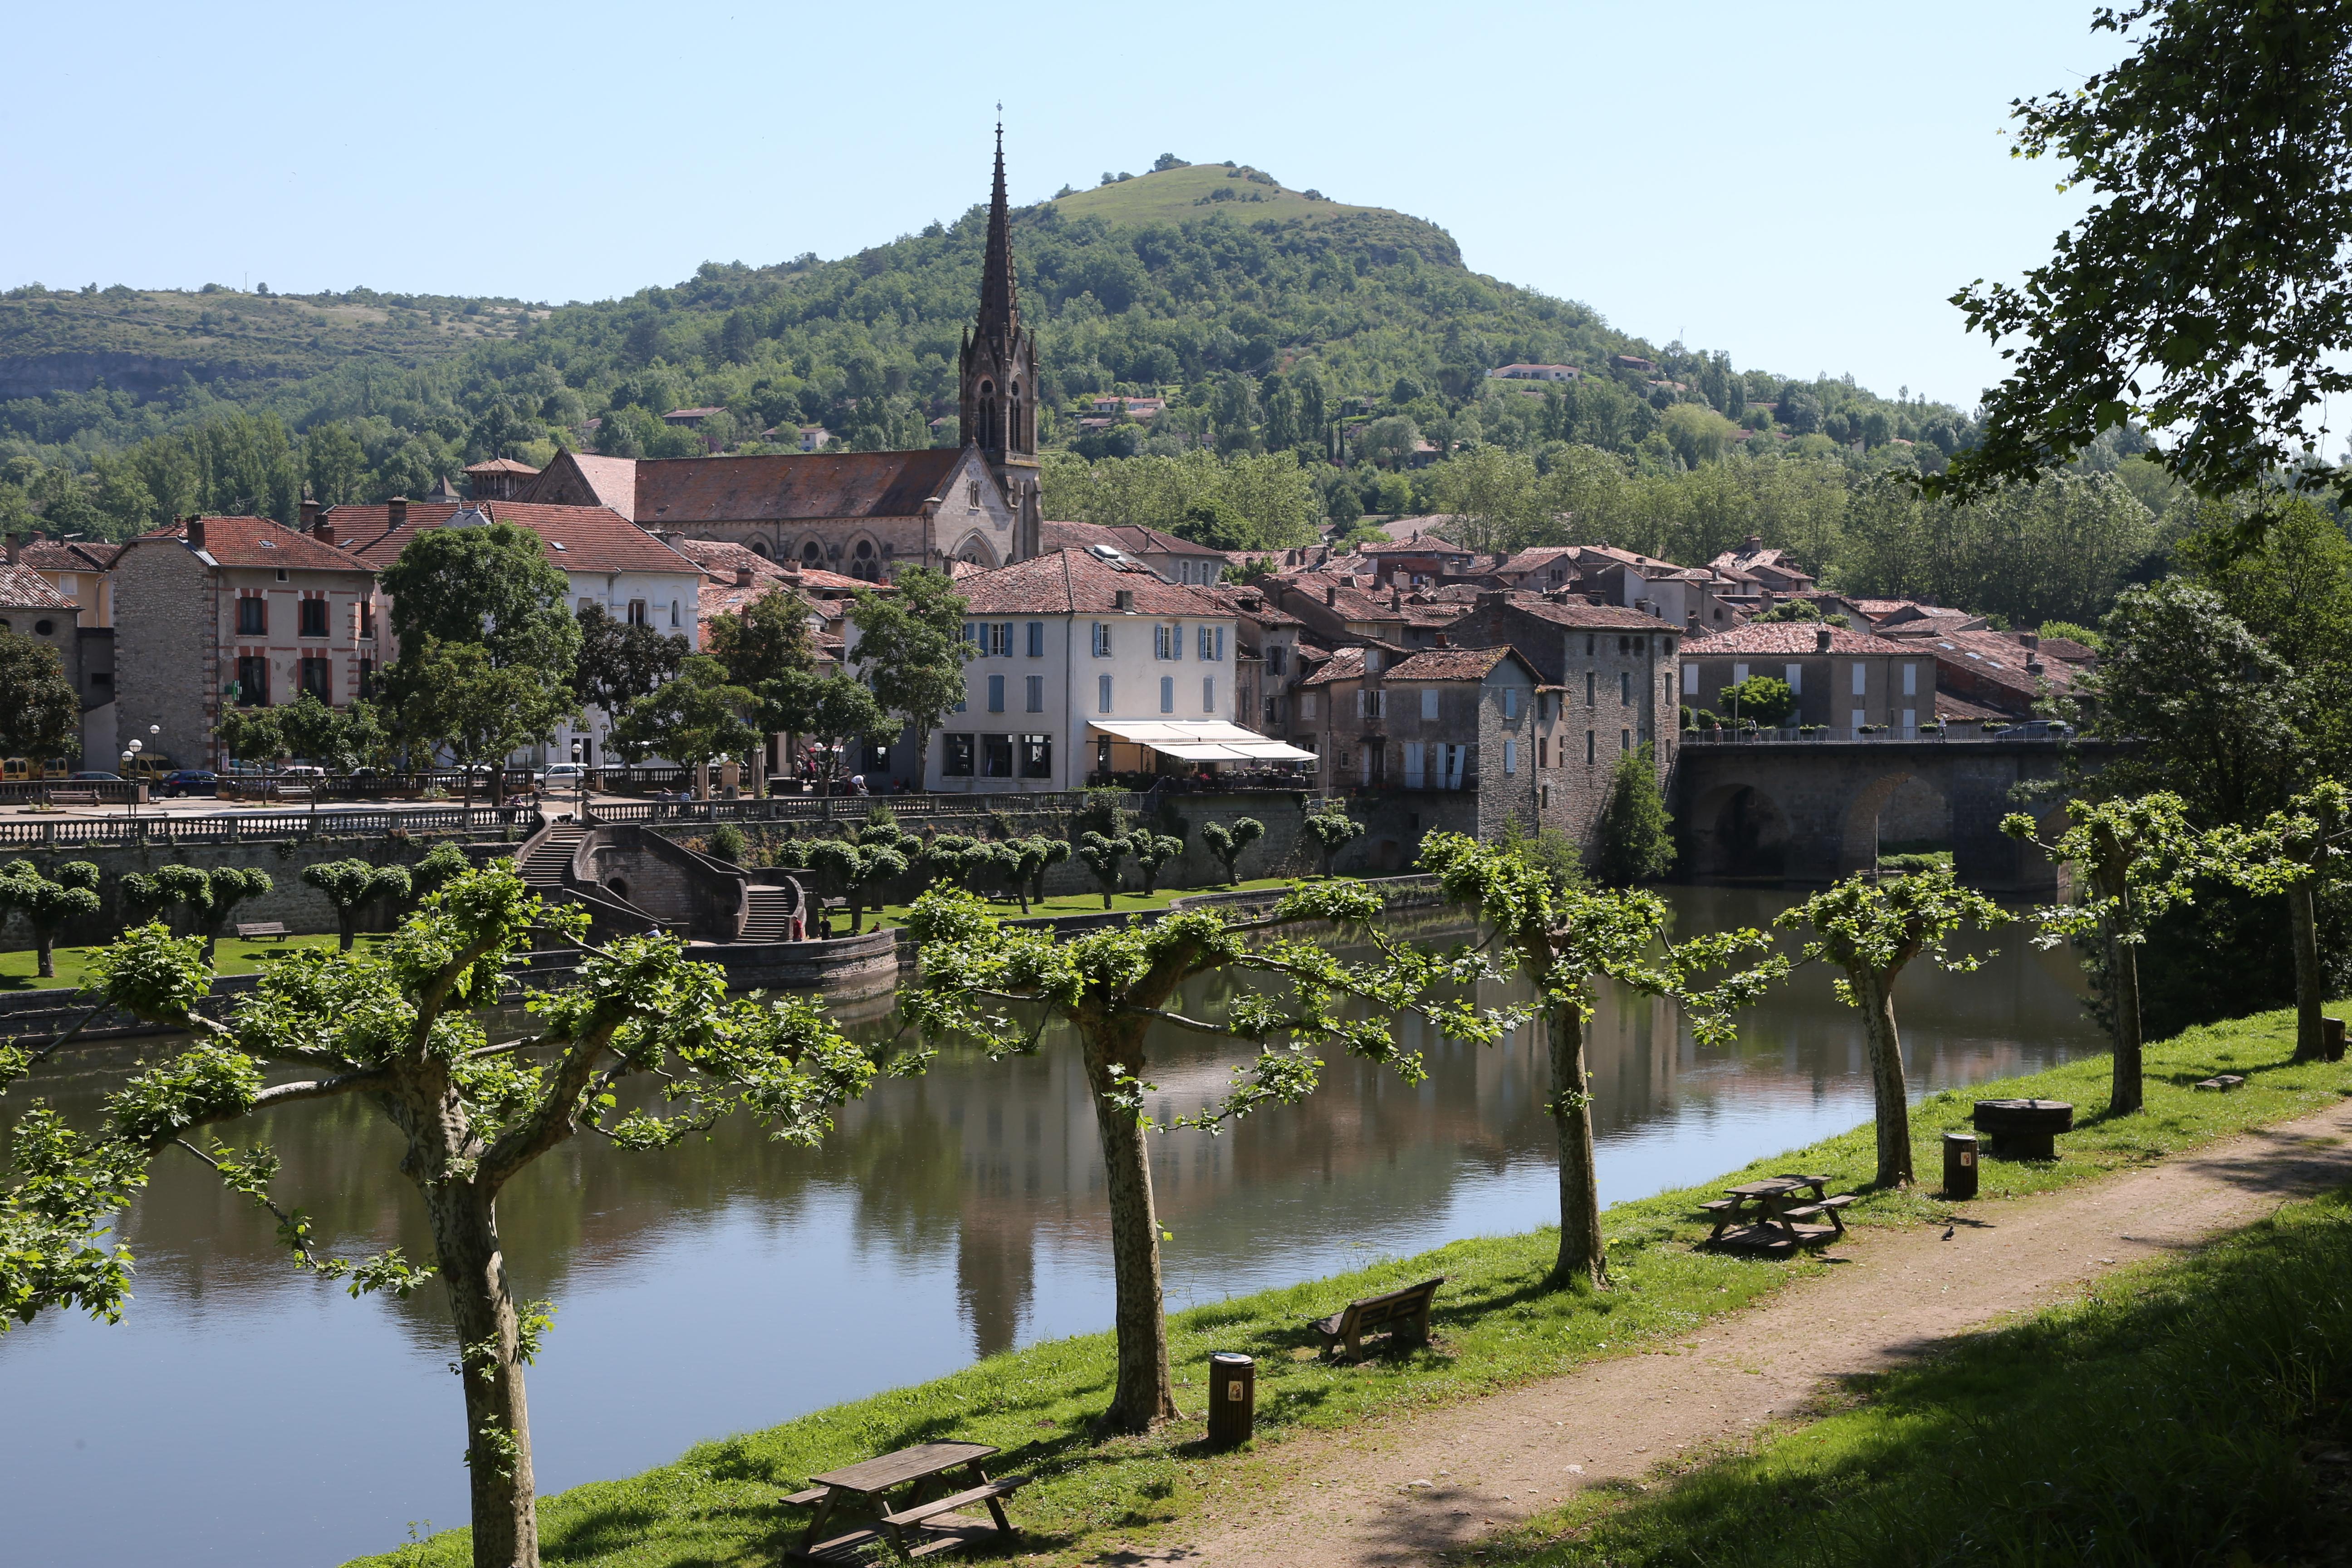 St Antonin-Noble-Val